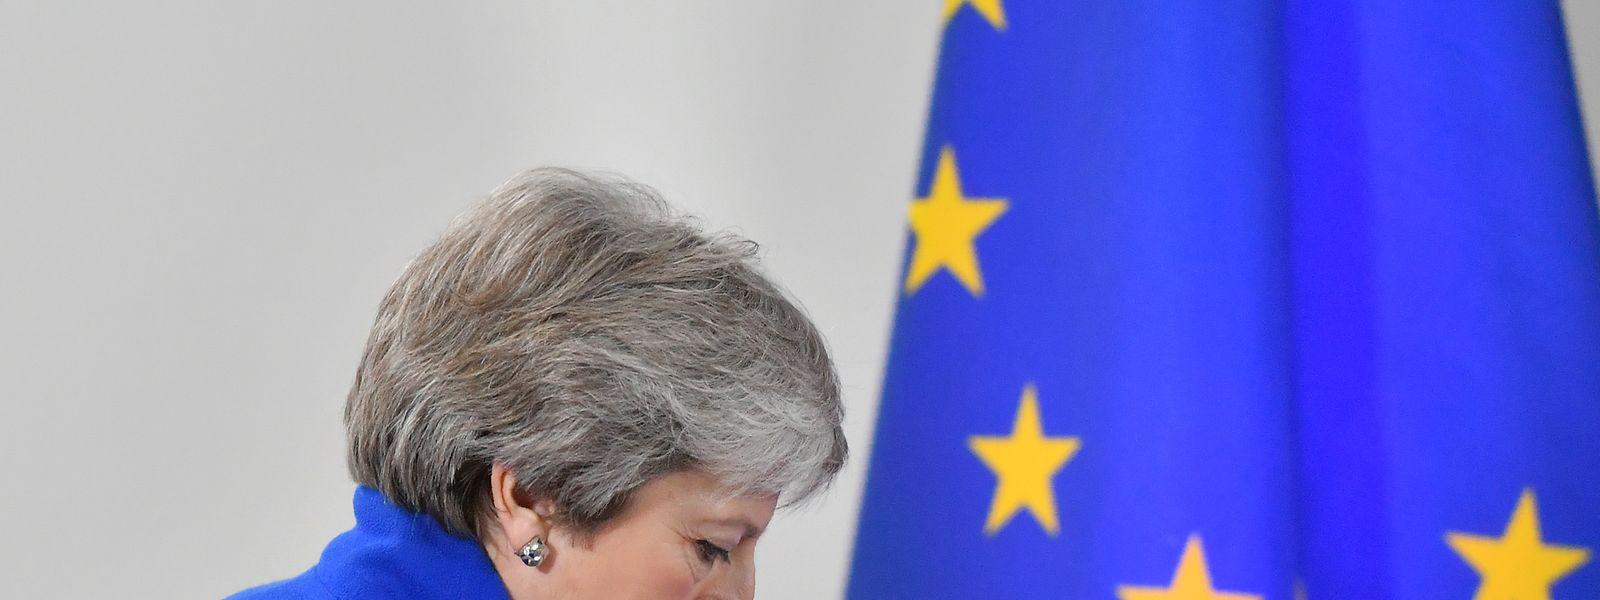 Theresa May renunciou à liderança do partido Conservador a 7 de junho devido à dificuldade em fazer aprovar o acordo de saída que concluiu com Bruxelas.